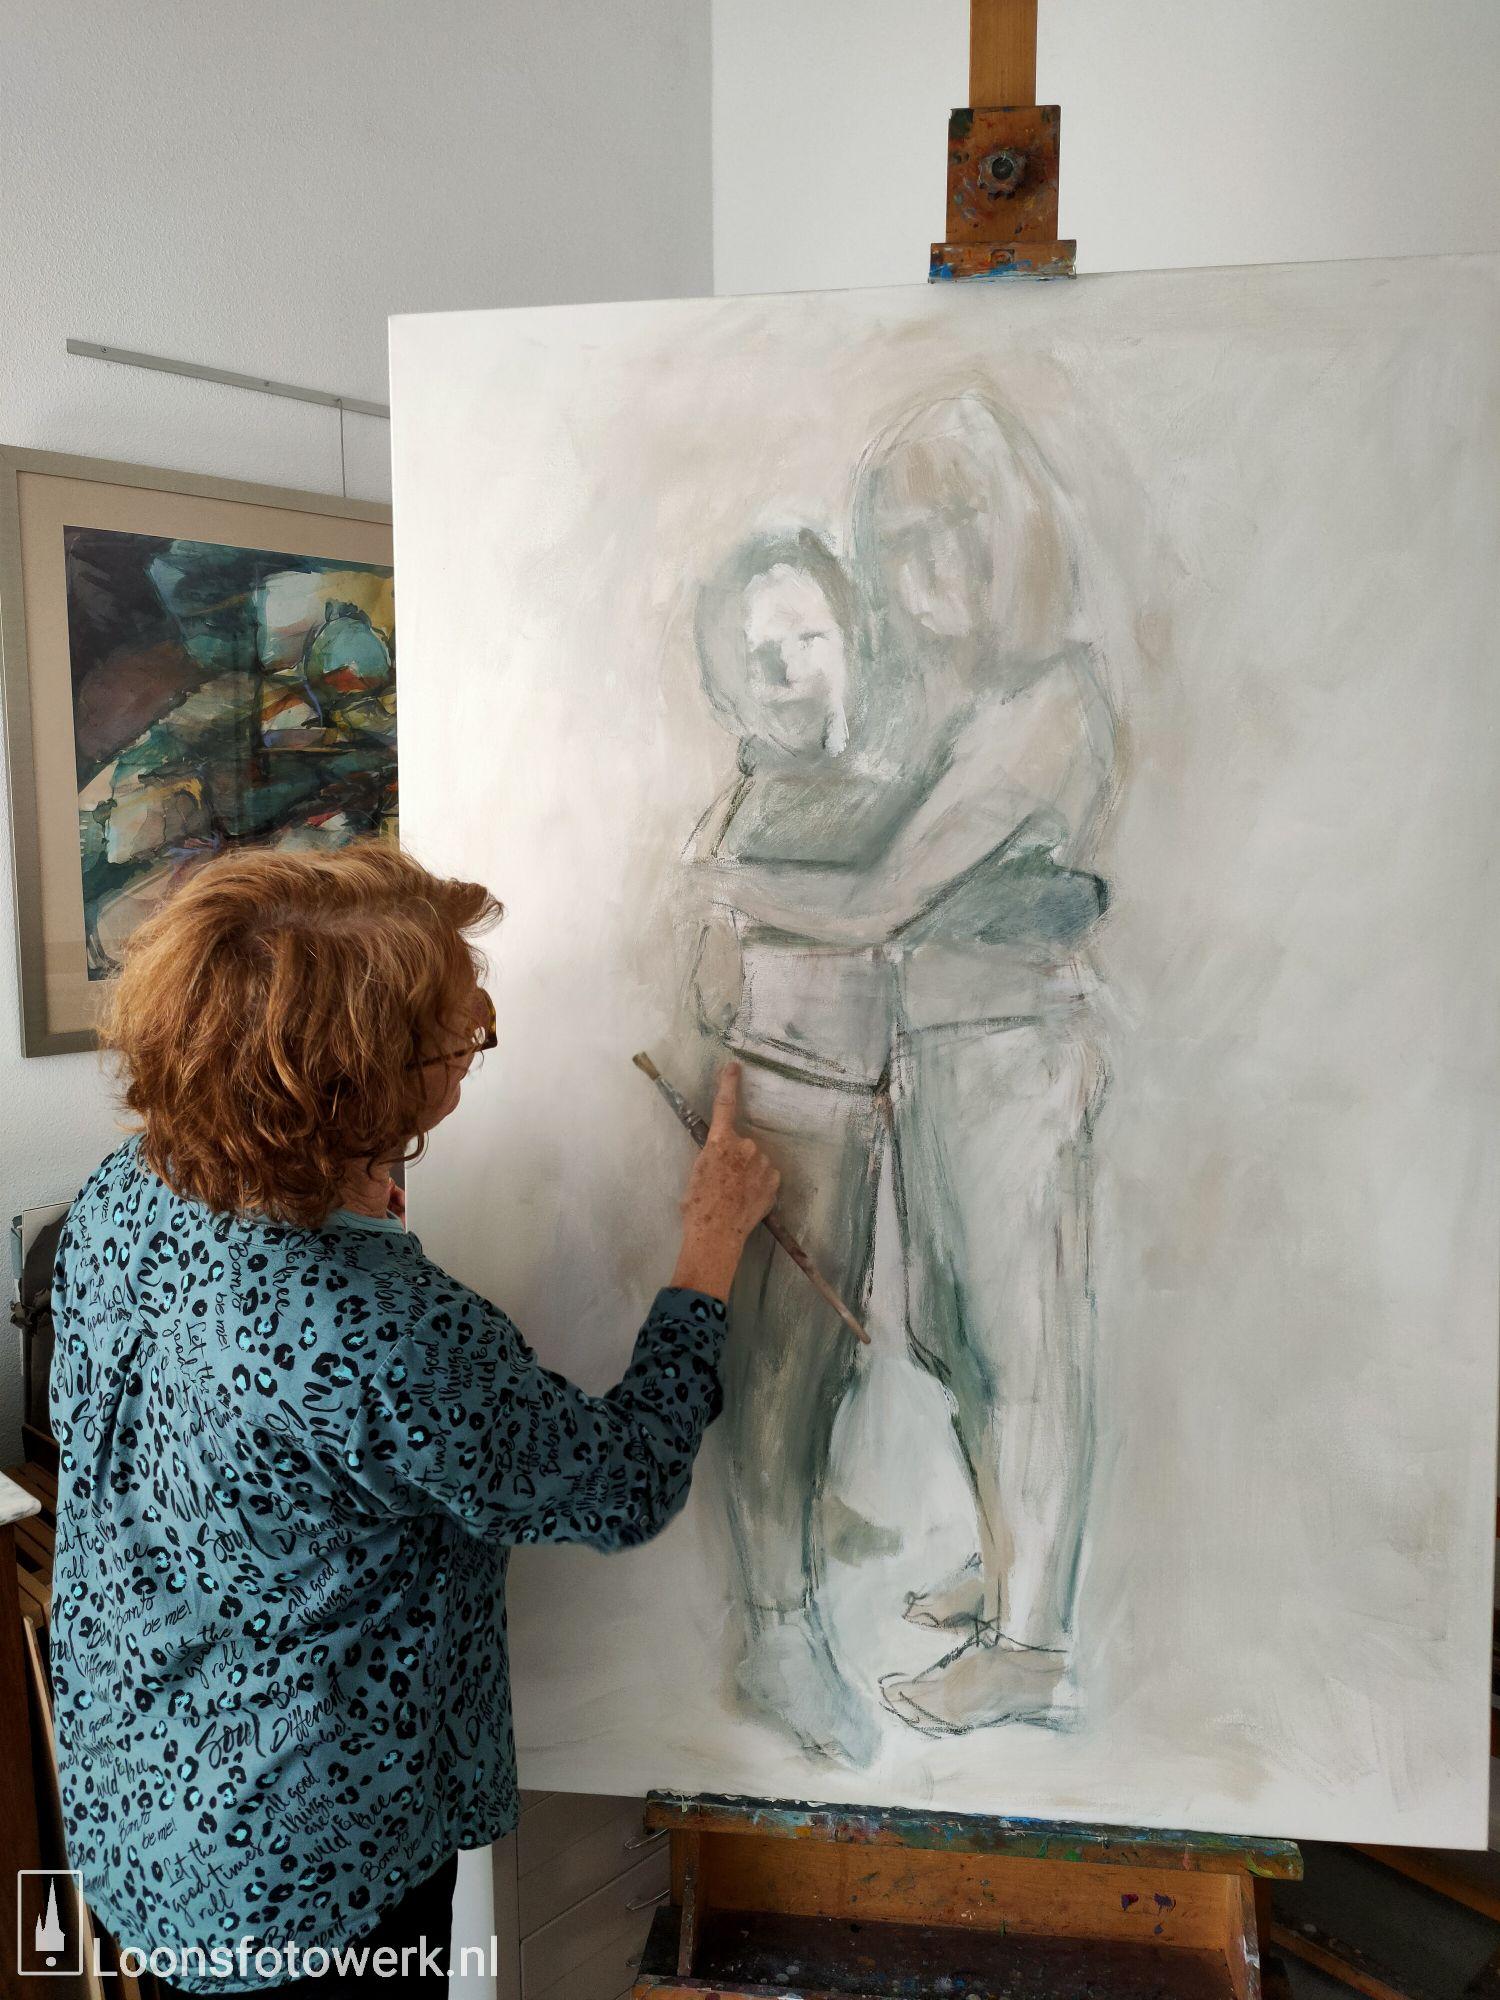 Els Smulders - Waijers, kunstenares in hart en nieren 9